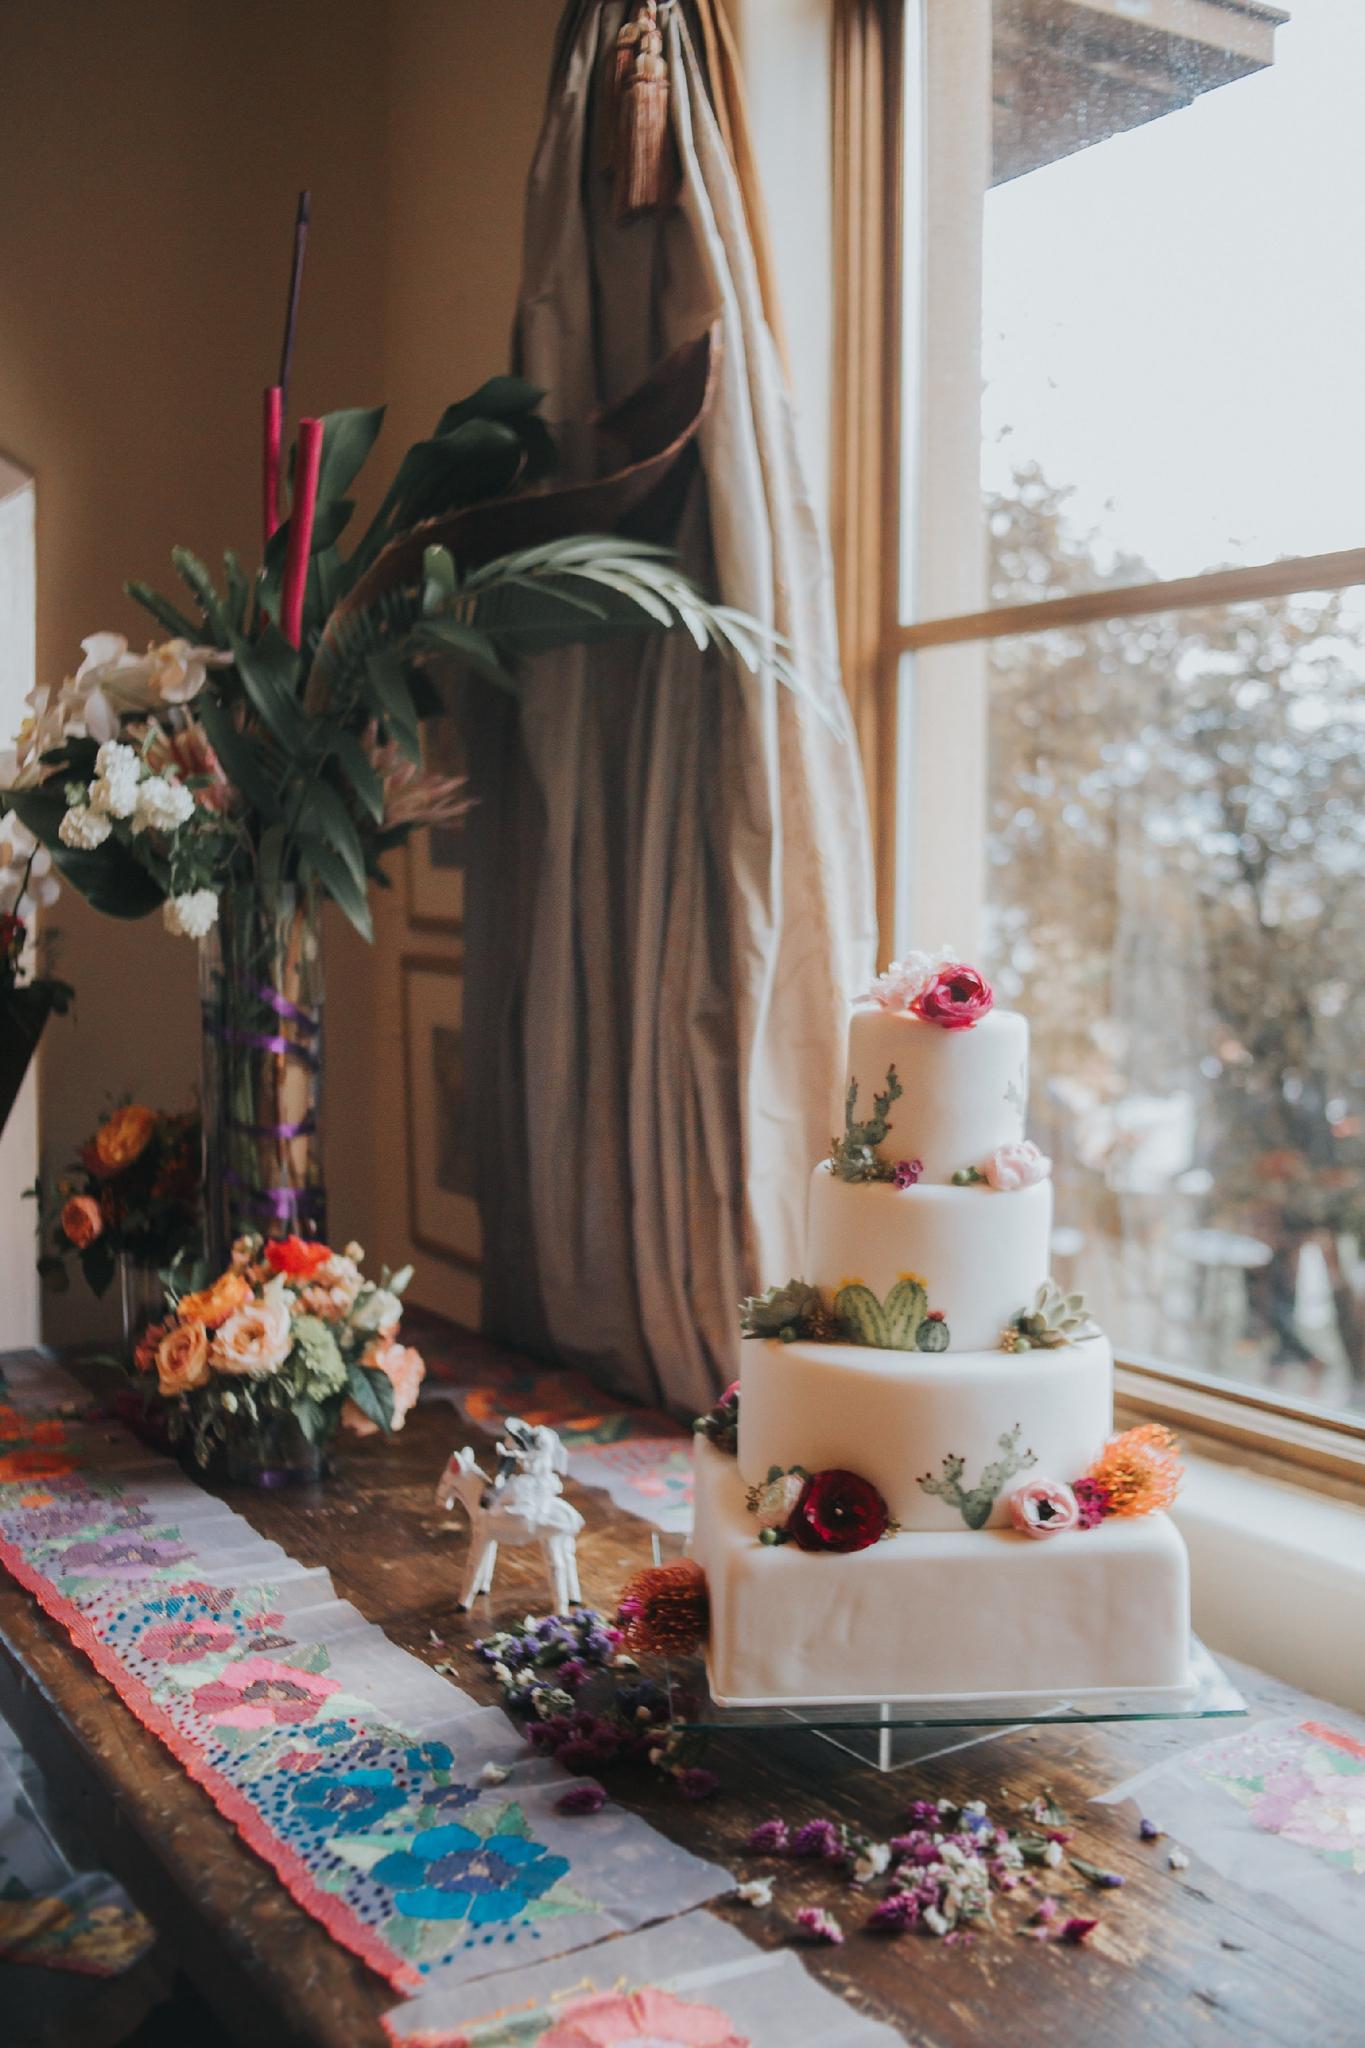 Alicia+lucia+photography+-+albuquerque+wedding+photographer+-+santa+fe+wedding+photography+-+new+mexico+wedding+photographer+-+wedding+reception+-+wedding+cake+-+wedding+sweets+-+maggies+cakes_0020.jpg